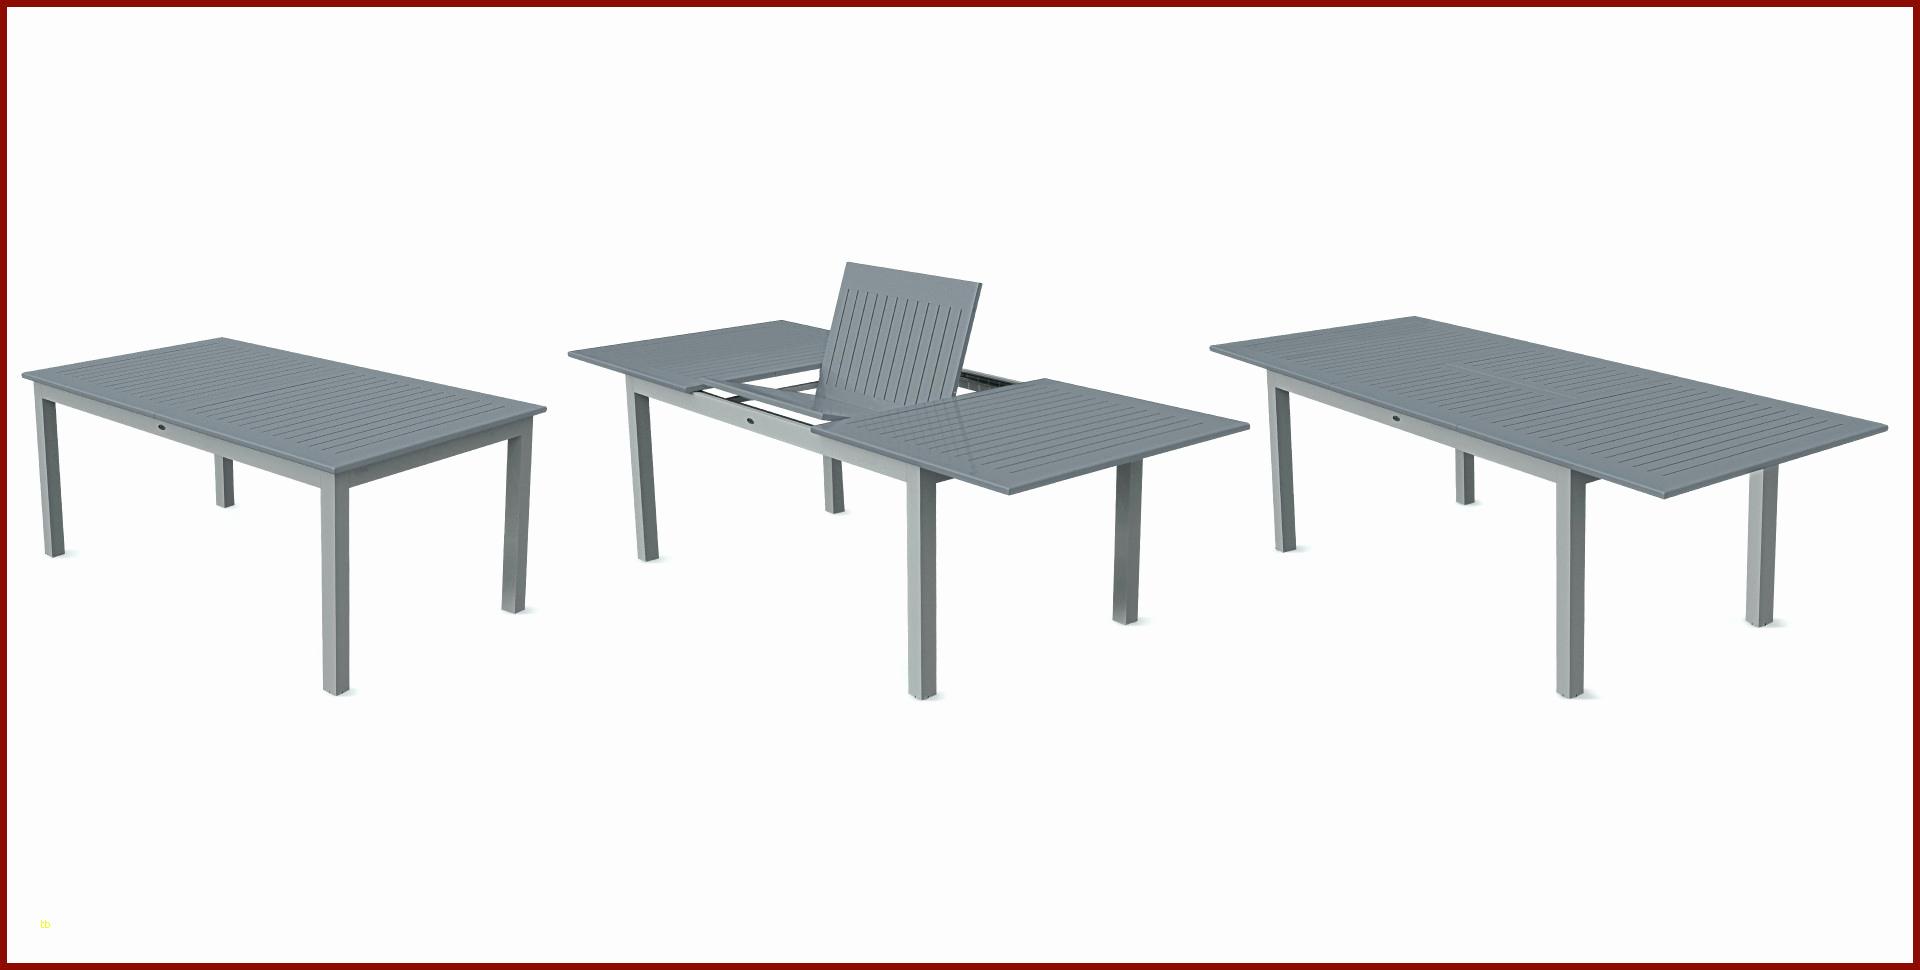 salon de jardin en metal le meilleur de table en bois table de salon de jardin leclerc chaise de jardin of salon de jardin en metal